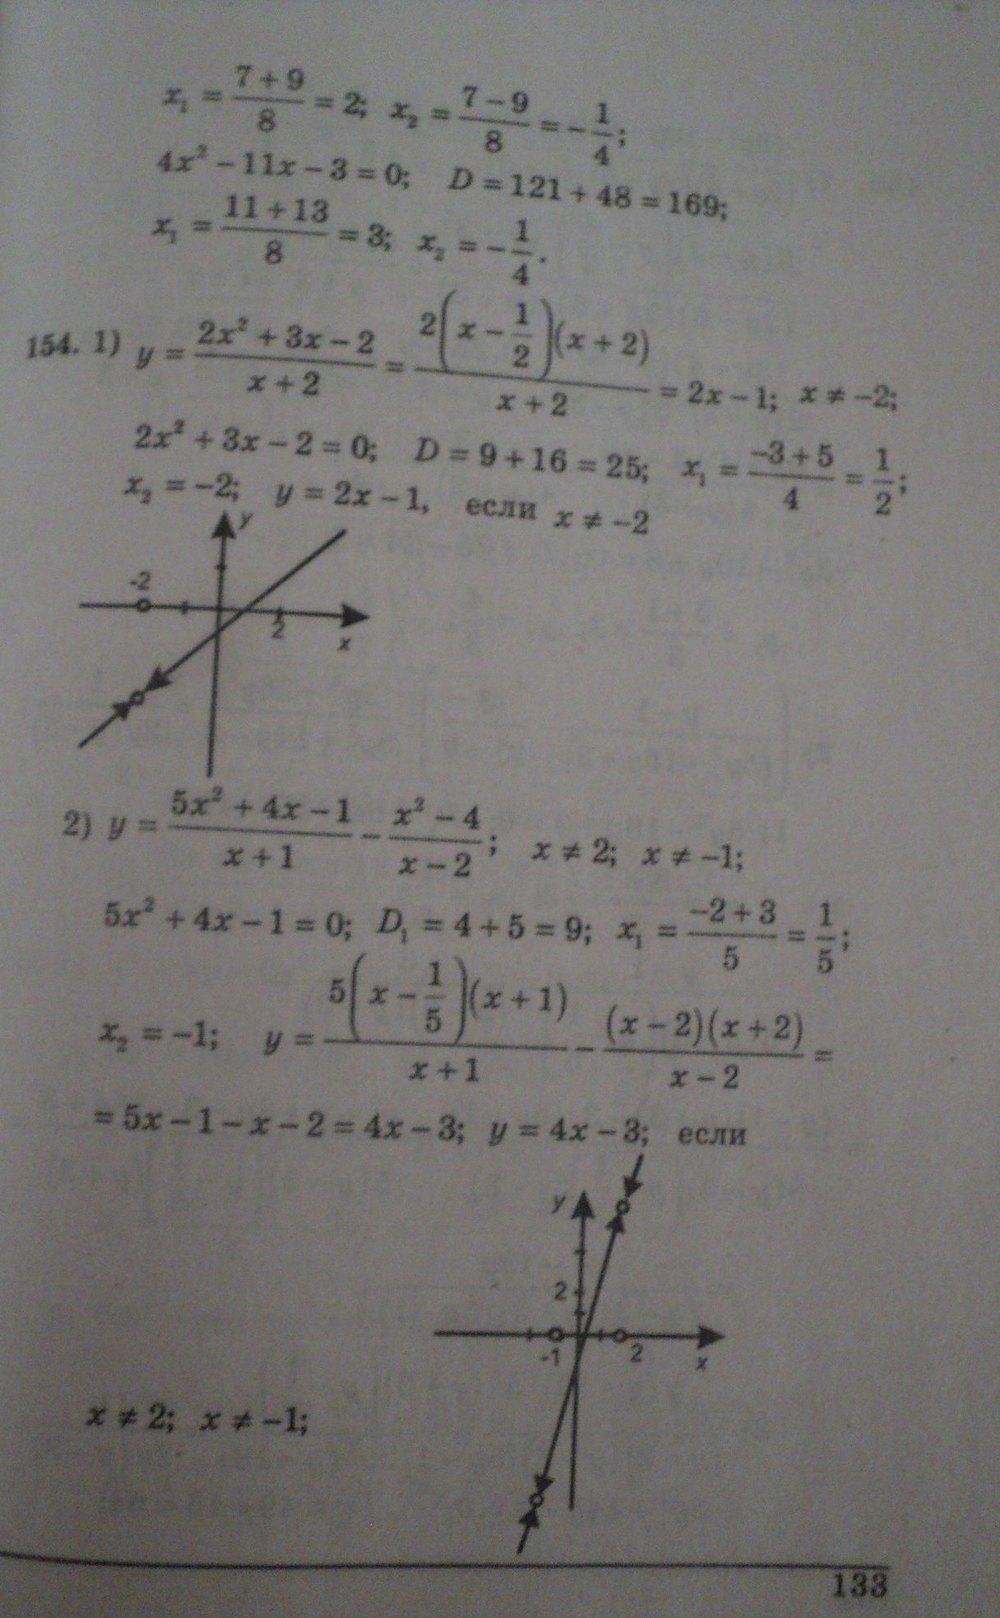 ГДЗ по алгебре 8 класс Щербань П.. Задание: стр. 133